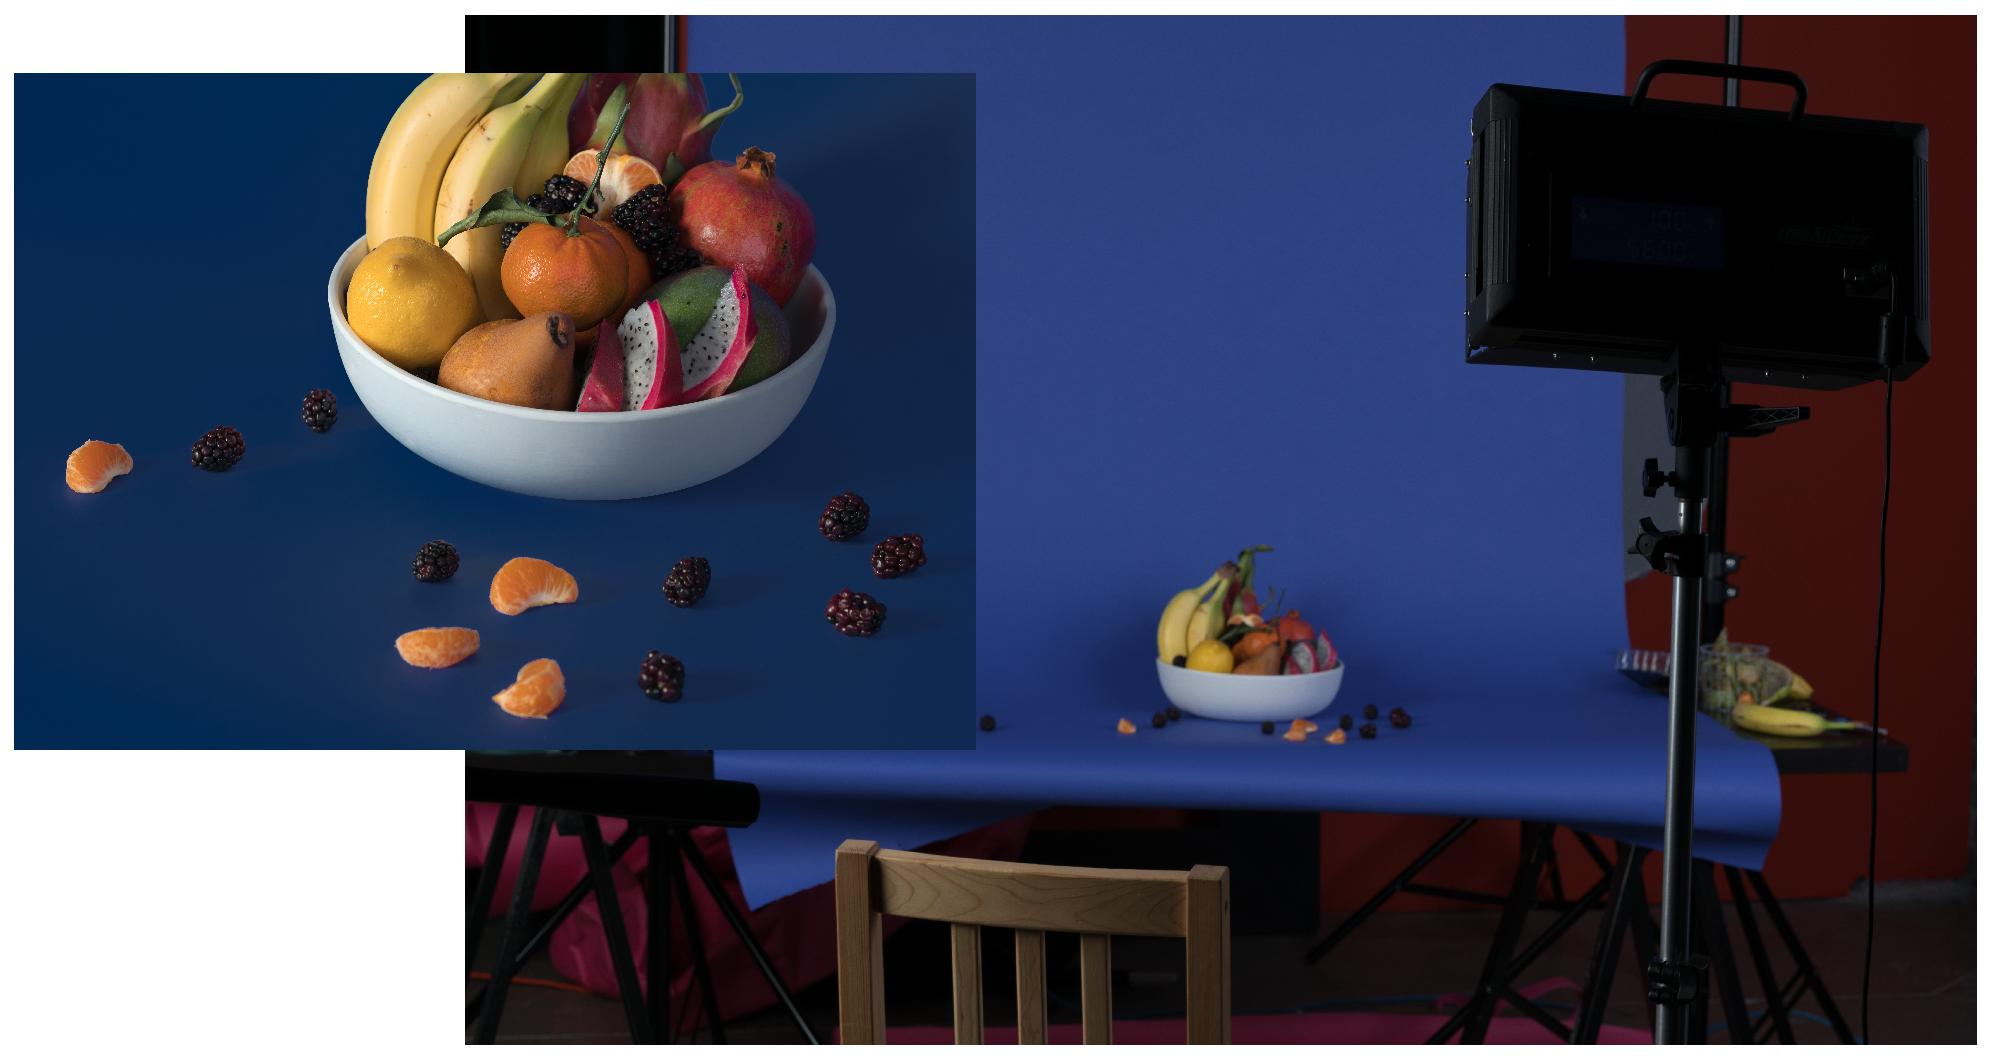 visualidentity_webdesign_socialmedia_digitaladvertising_brandphotography